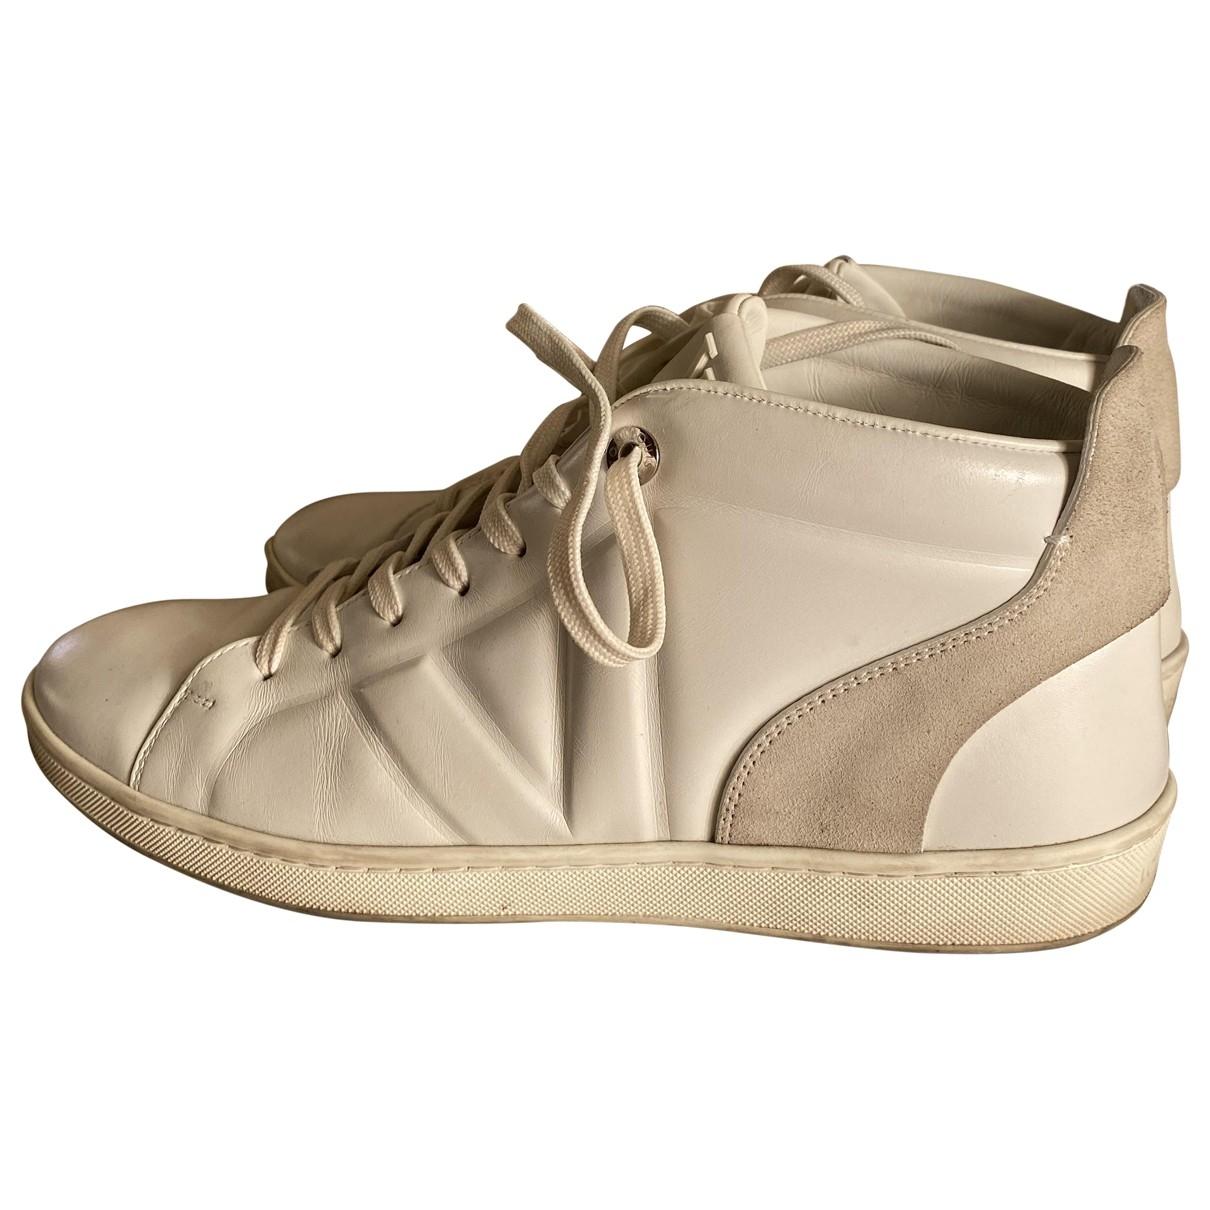 Louis Vuitton - Baskets   pour homme en cuir - blanc